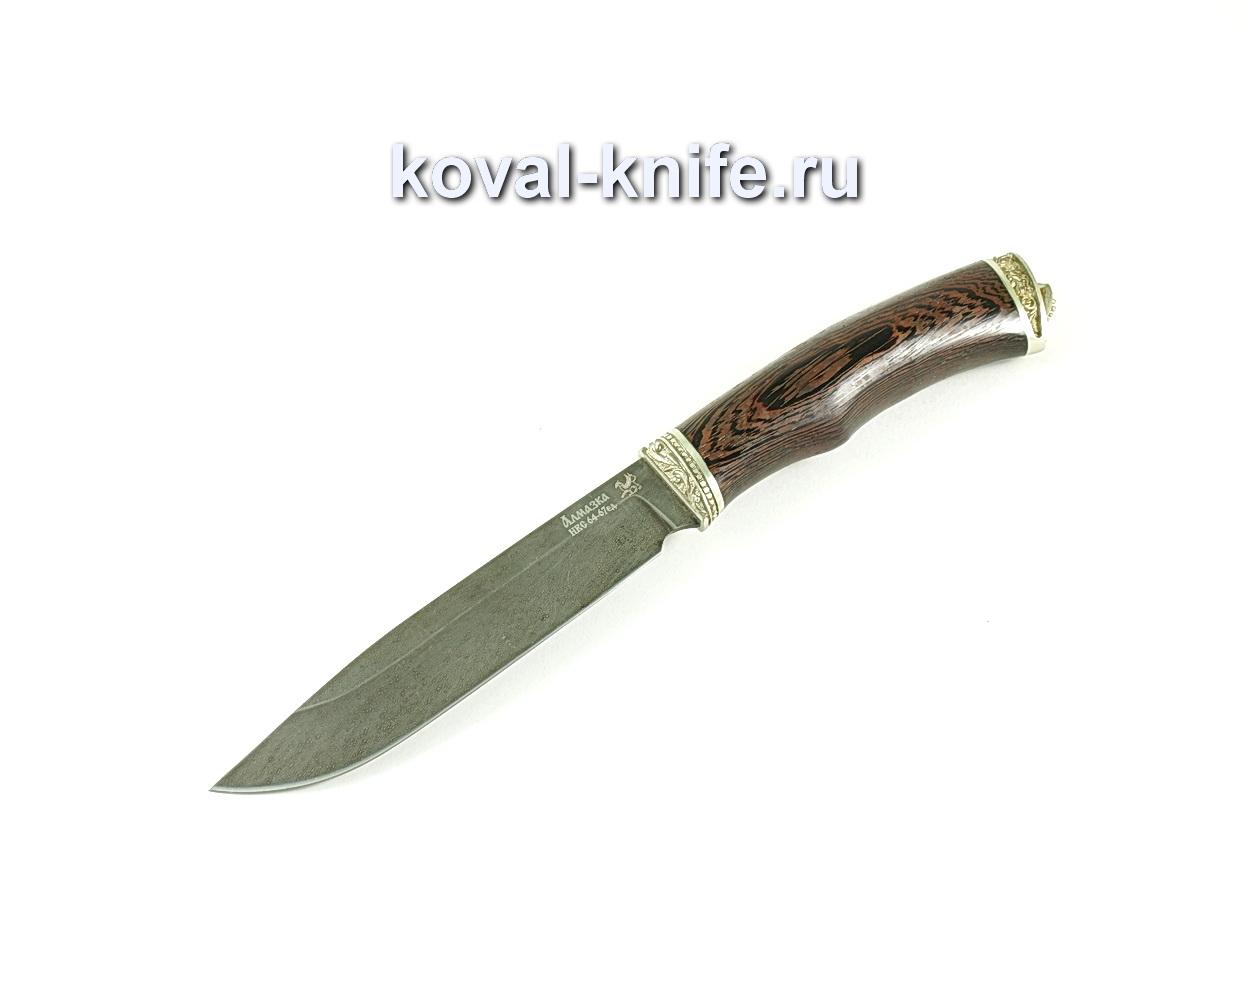 Нож Турист (сталь ХВ5-Алмазка), рукоять венге, литье A129